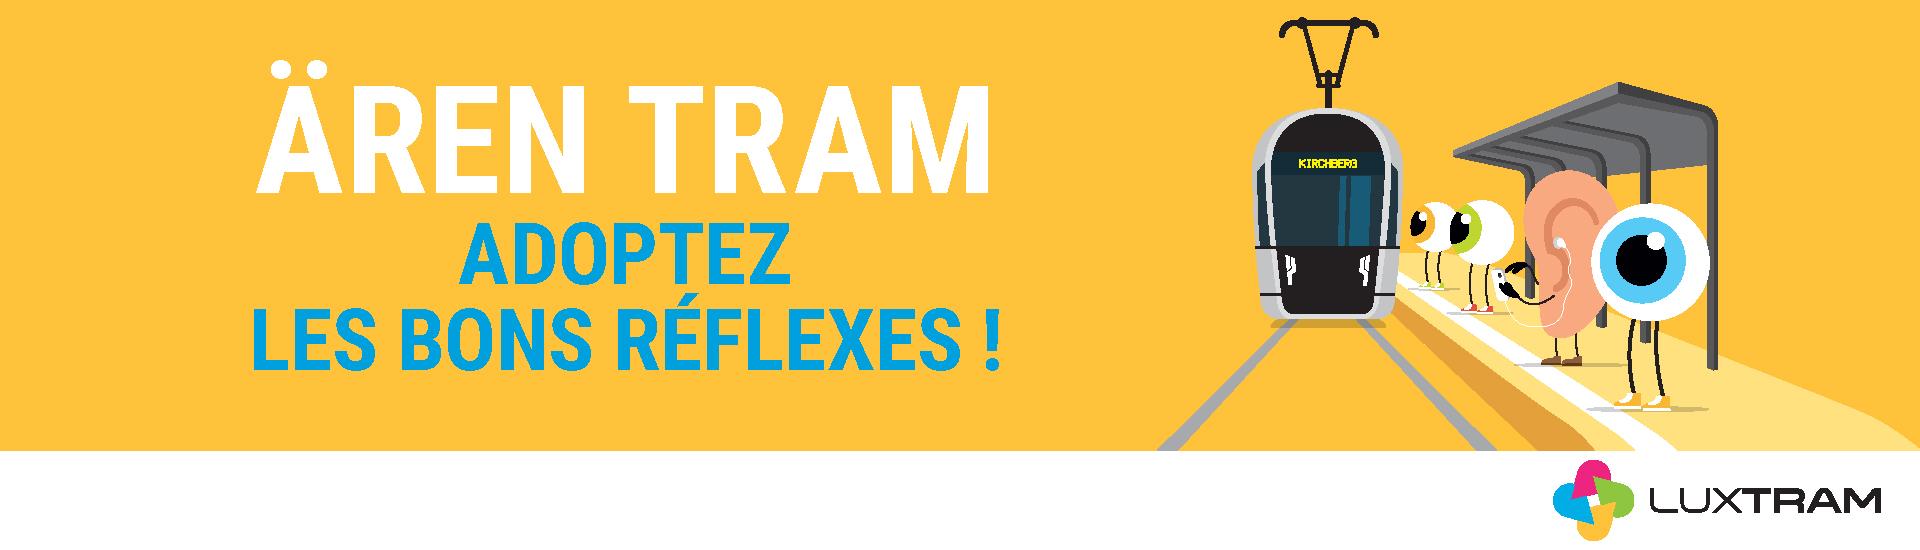 HOME | Luxtram.lu – Un tram pour la Ville de Luxembourg